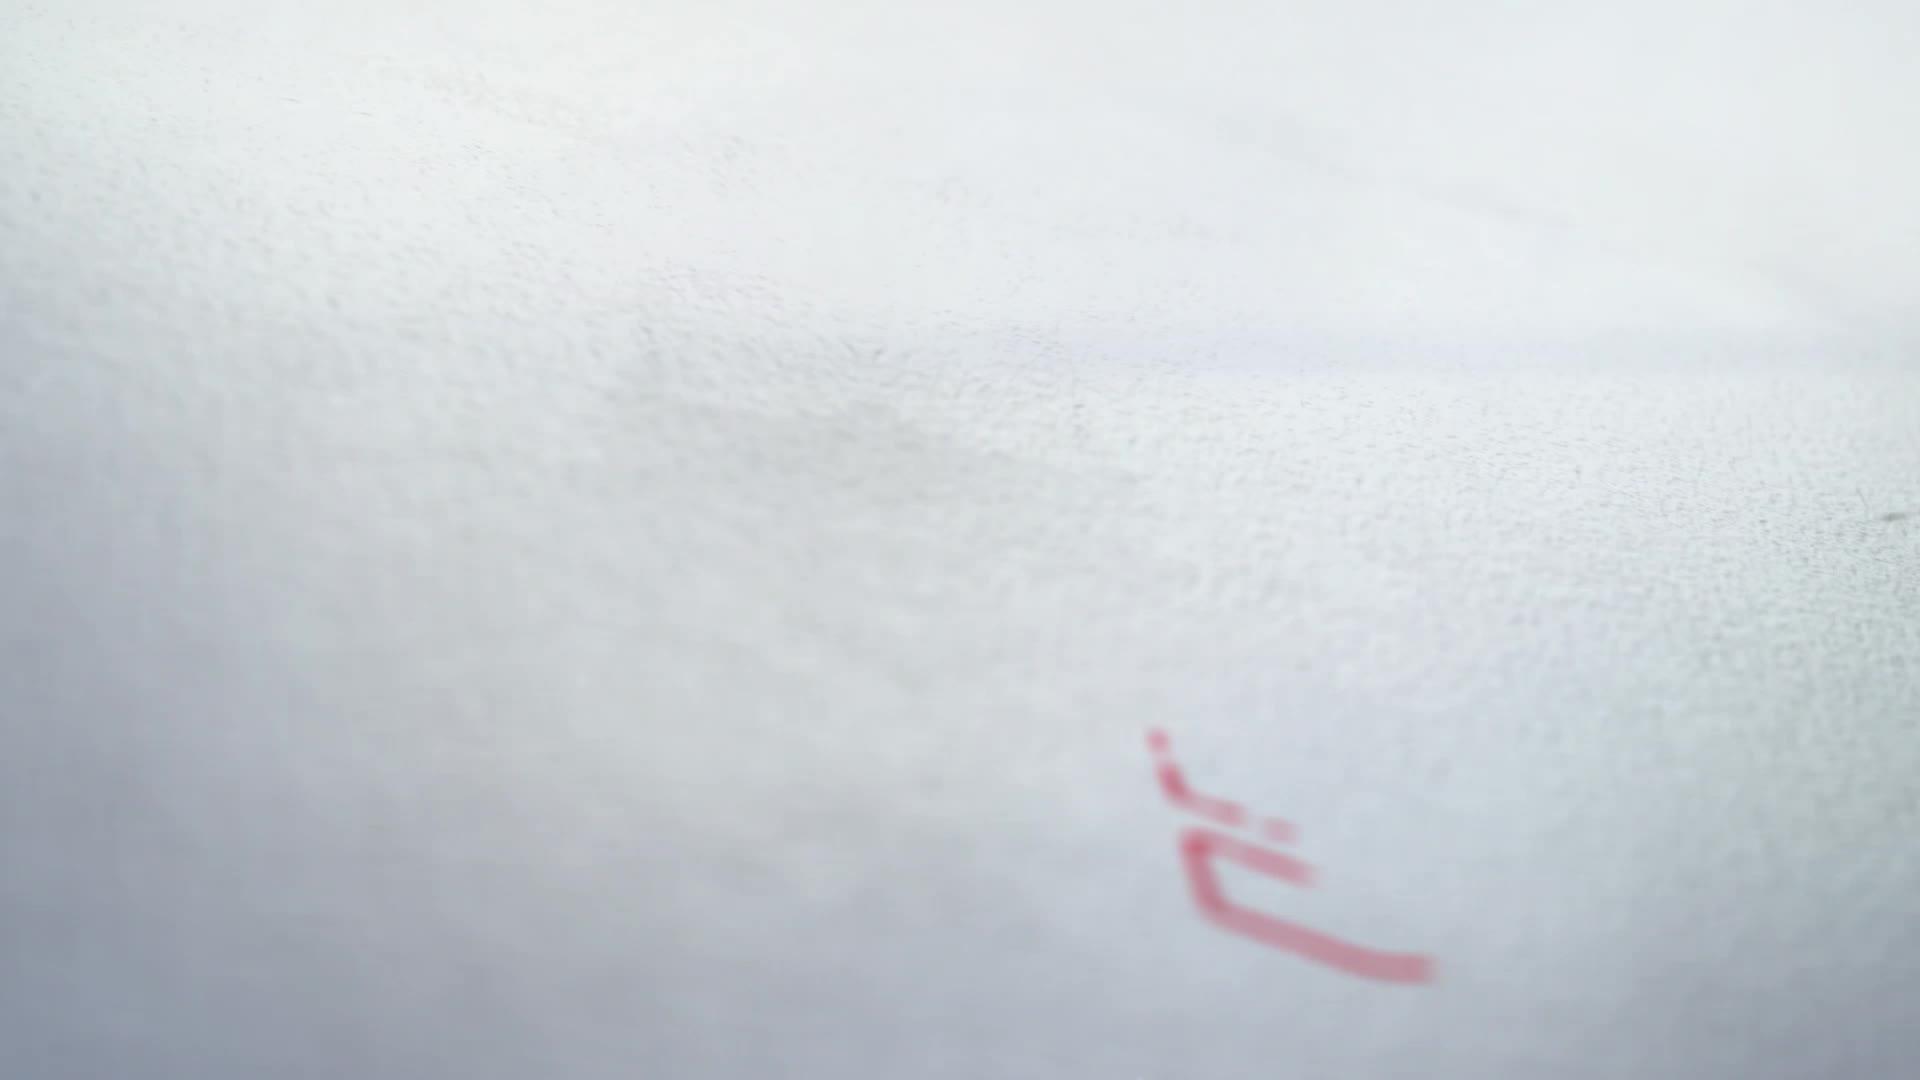 Wushi di Seta Stampa Dello Schermo Produttore All'ingrosso 200L Acciaio Zincato Tamburo Barile Per Il Miele